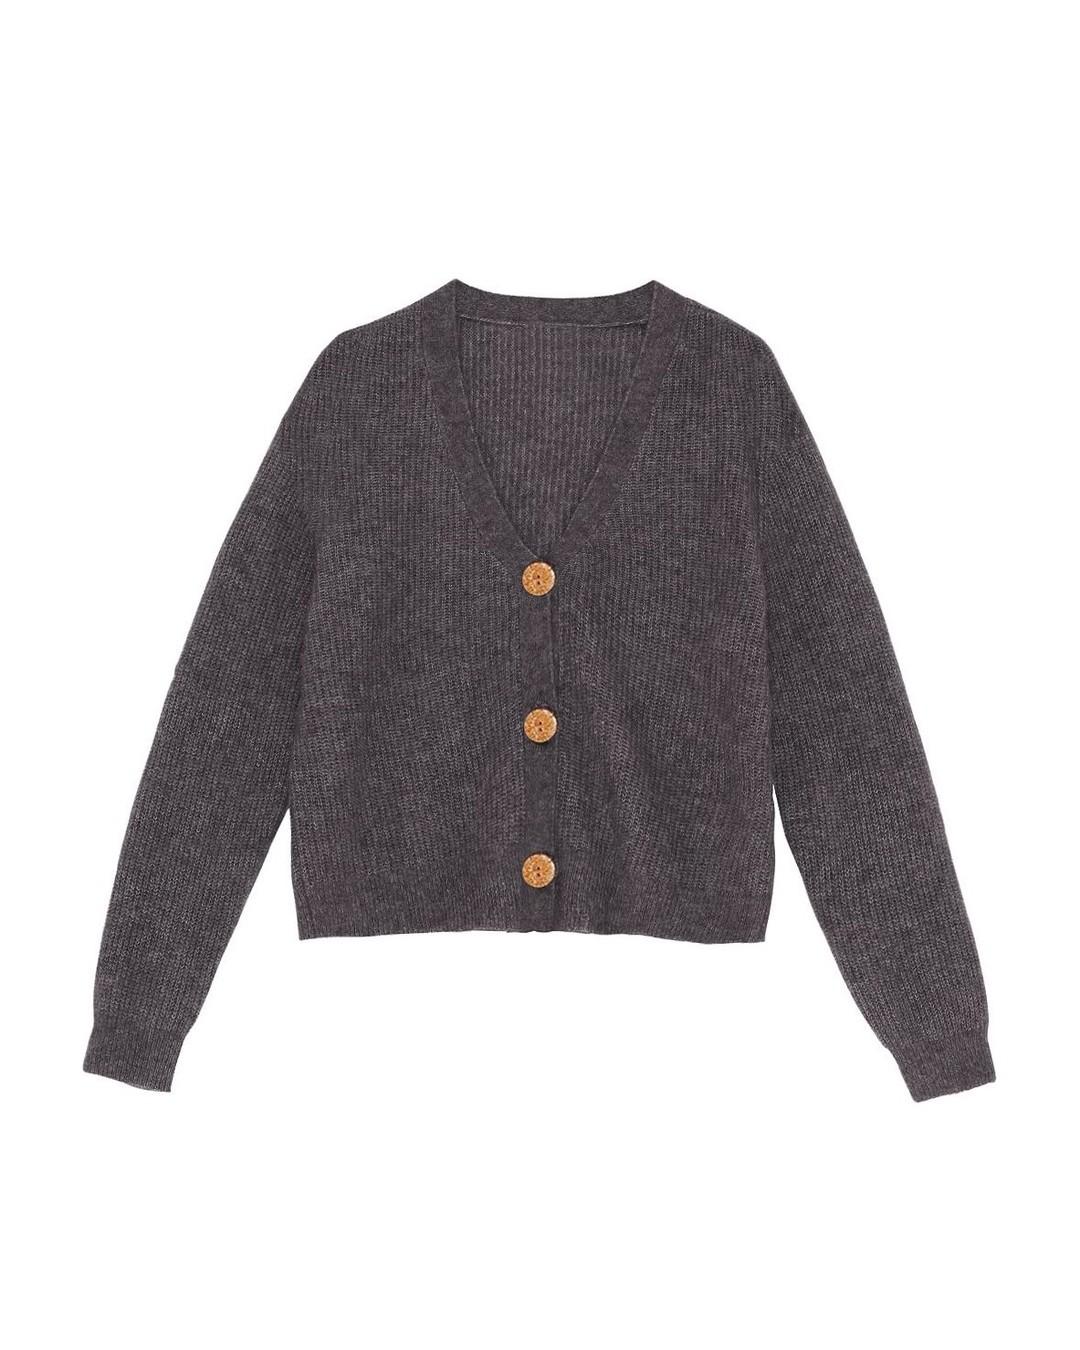 Taki szary zwyklak, a jednak z potencjałem! To jasne, że świetnie sprawdza się jako ciepła warstwa pod kurtką lub płaszczem, ale spójrz na niego również jako na ciekawe dopełnienie zimowych stylizacji z sukienkami, spódnicami i spodniami z twojej szafy. Jest tak uniwersalny, że można do nosić codziennie. I codziennie wyglądać zupełnie inaczej. #sweter #swetry #sweater #polskieswetry #autumnstyle #swetrymadeinpoland #sweterwwarkocze #sweternajesień #sweternazimę #sweterdobiura #sweterdopracy #sweternarandke #sweterek #sweaterweather #autumnstyles #szarysweter #greysweater #grafitowysweter #grafit #1927